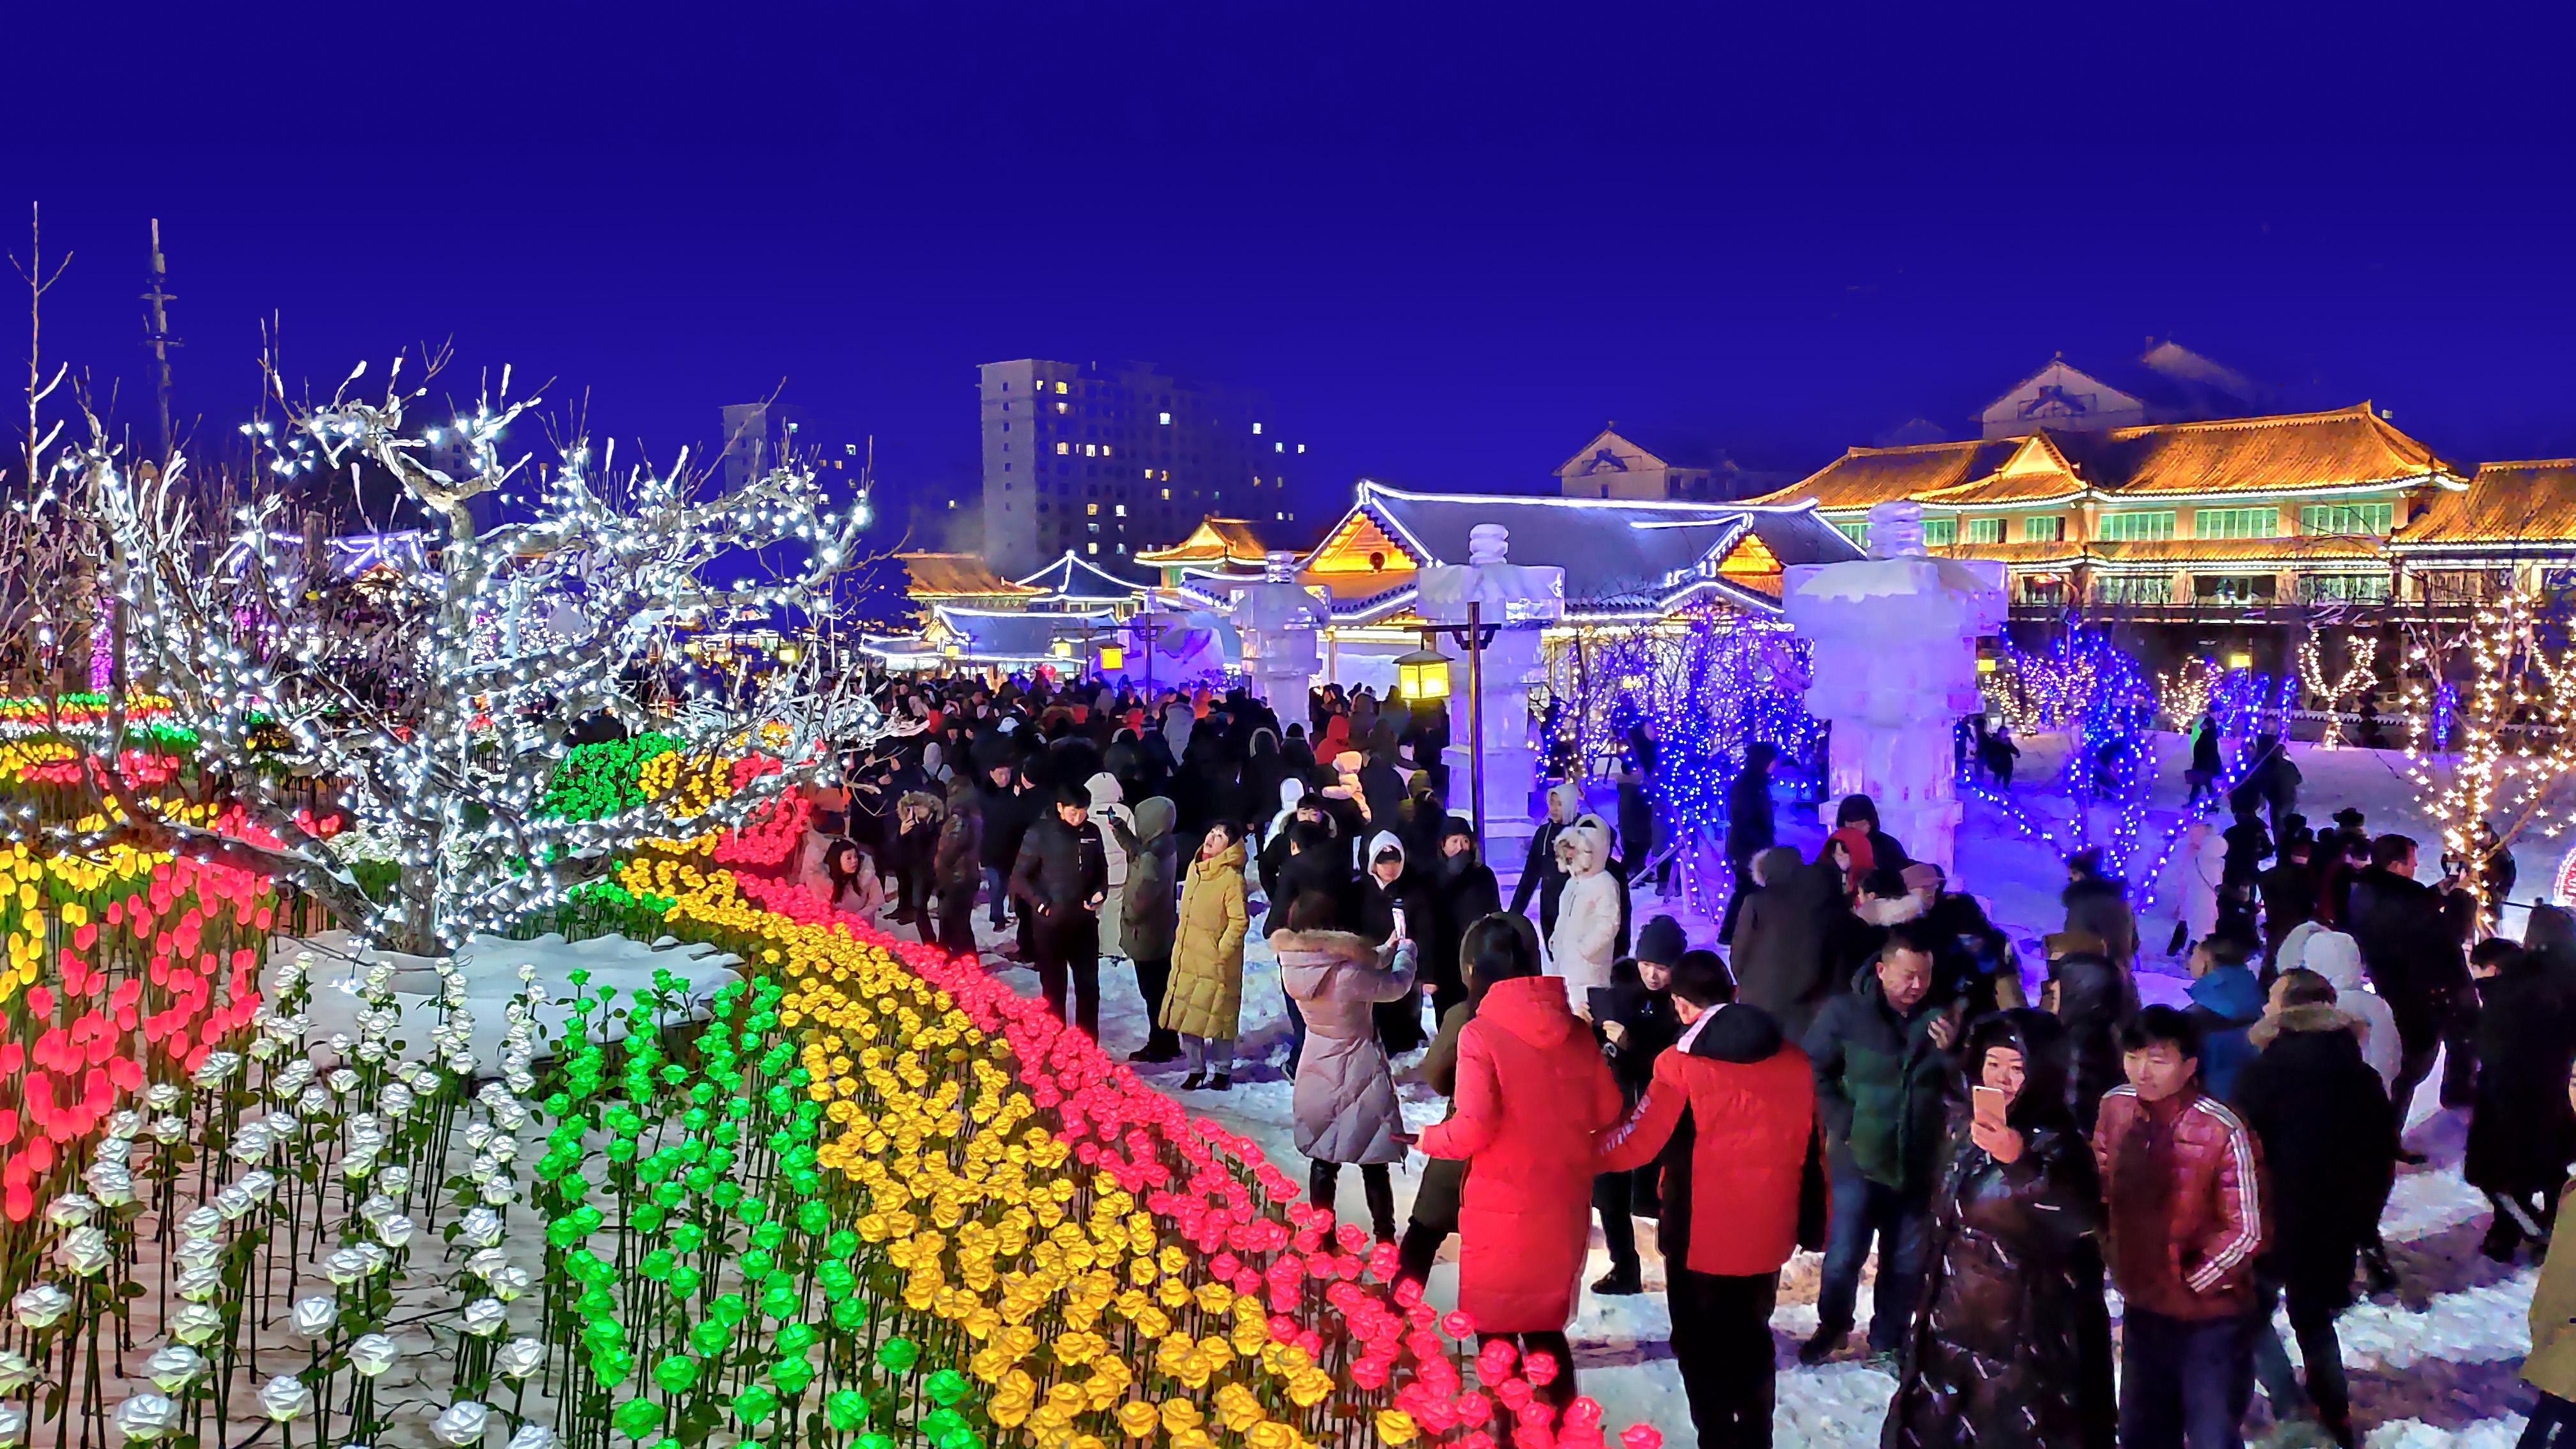 延边·中国朝鲜族民俗园